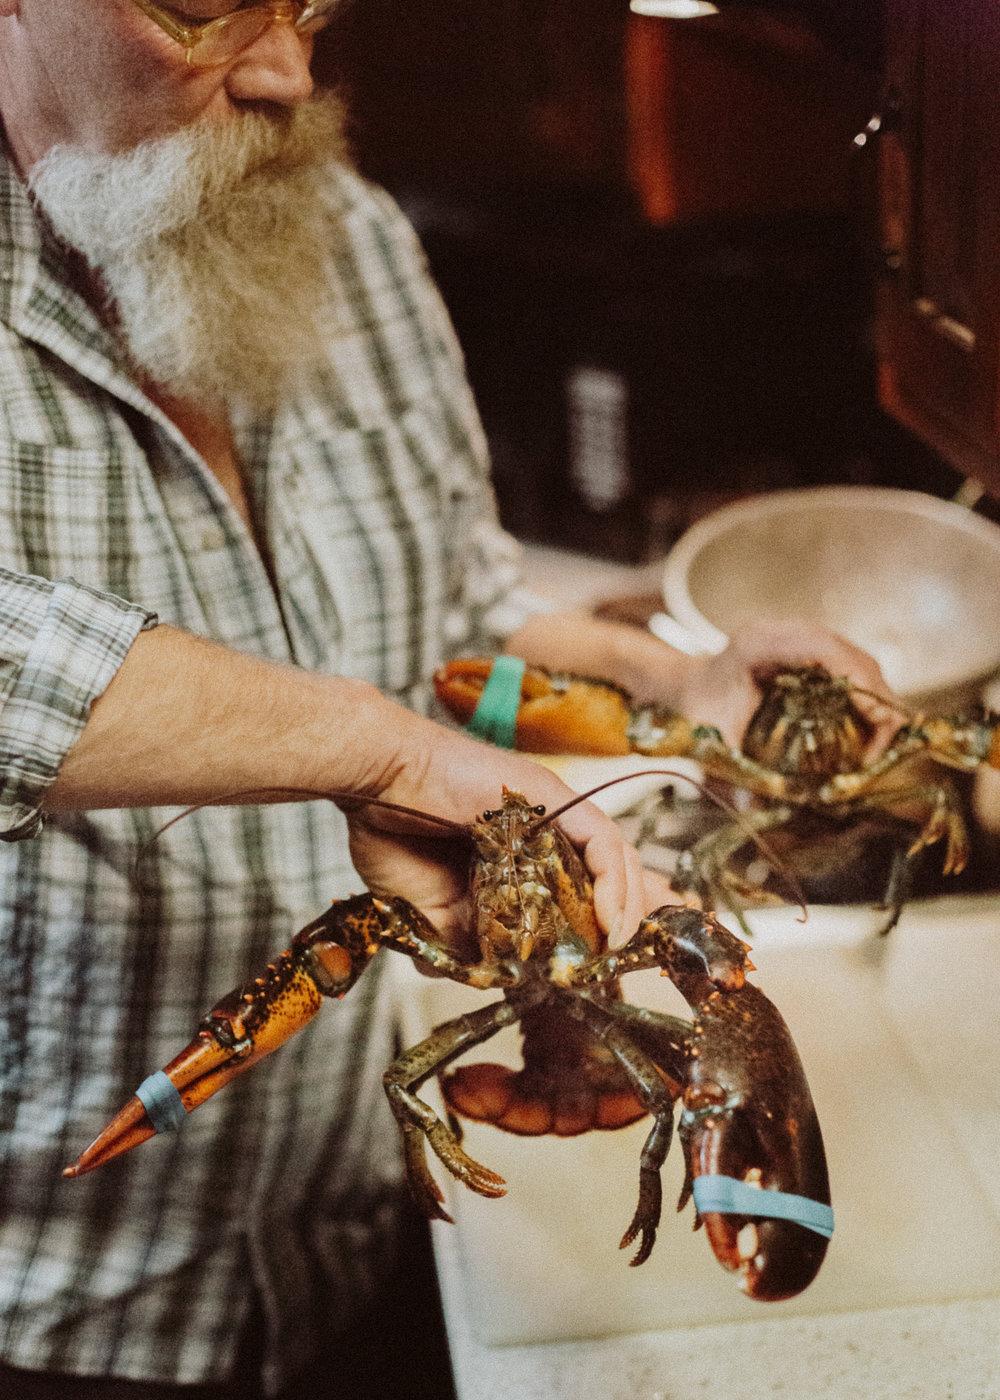 LobsterDinnerWebsite (28 of 31).jpg